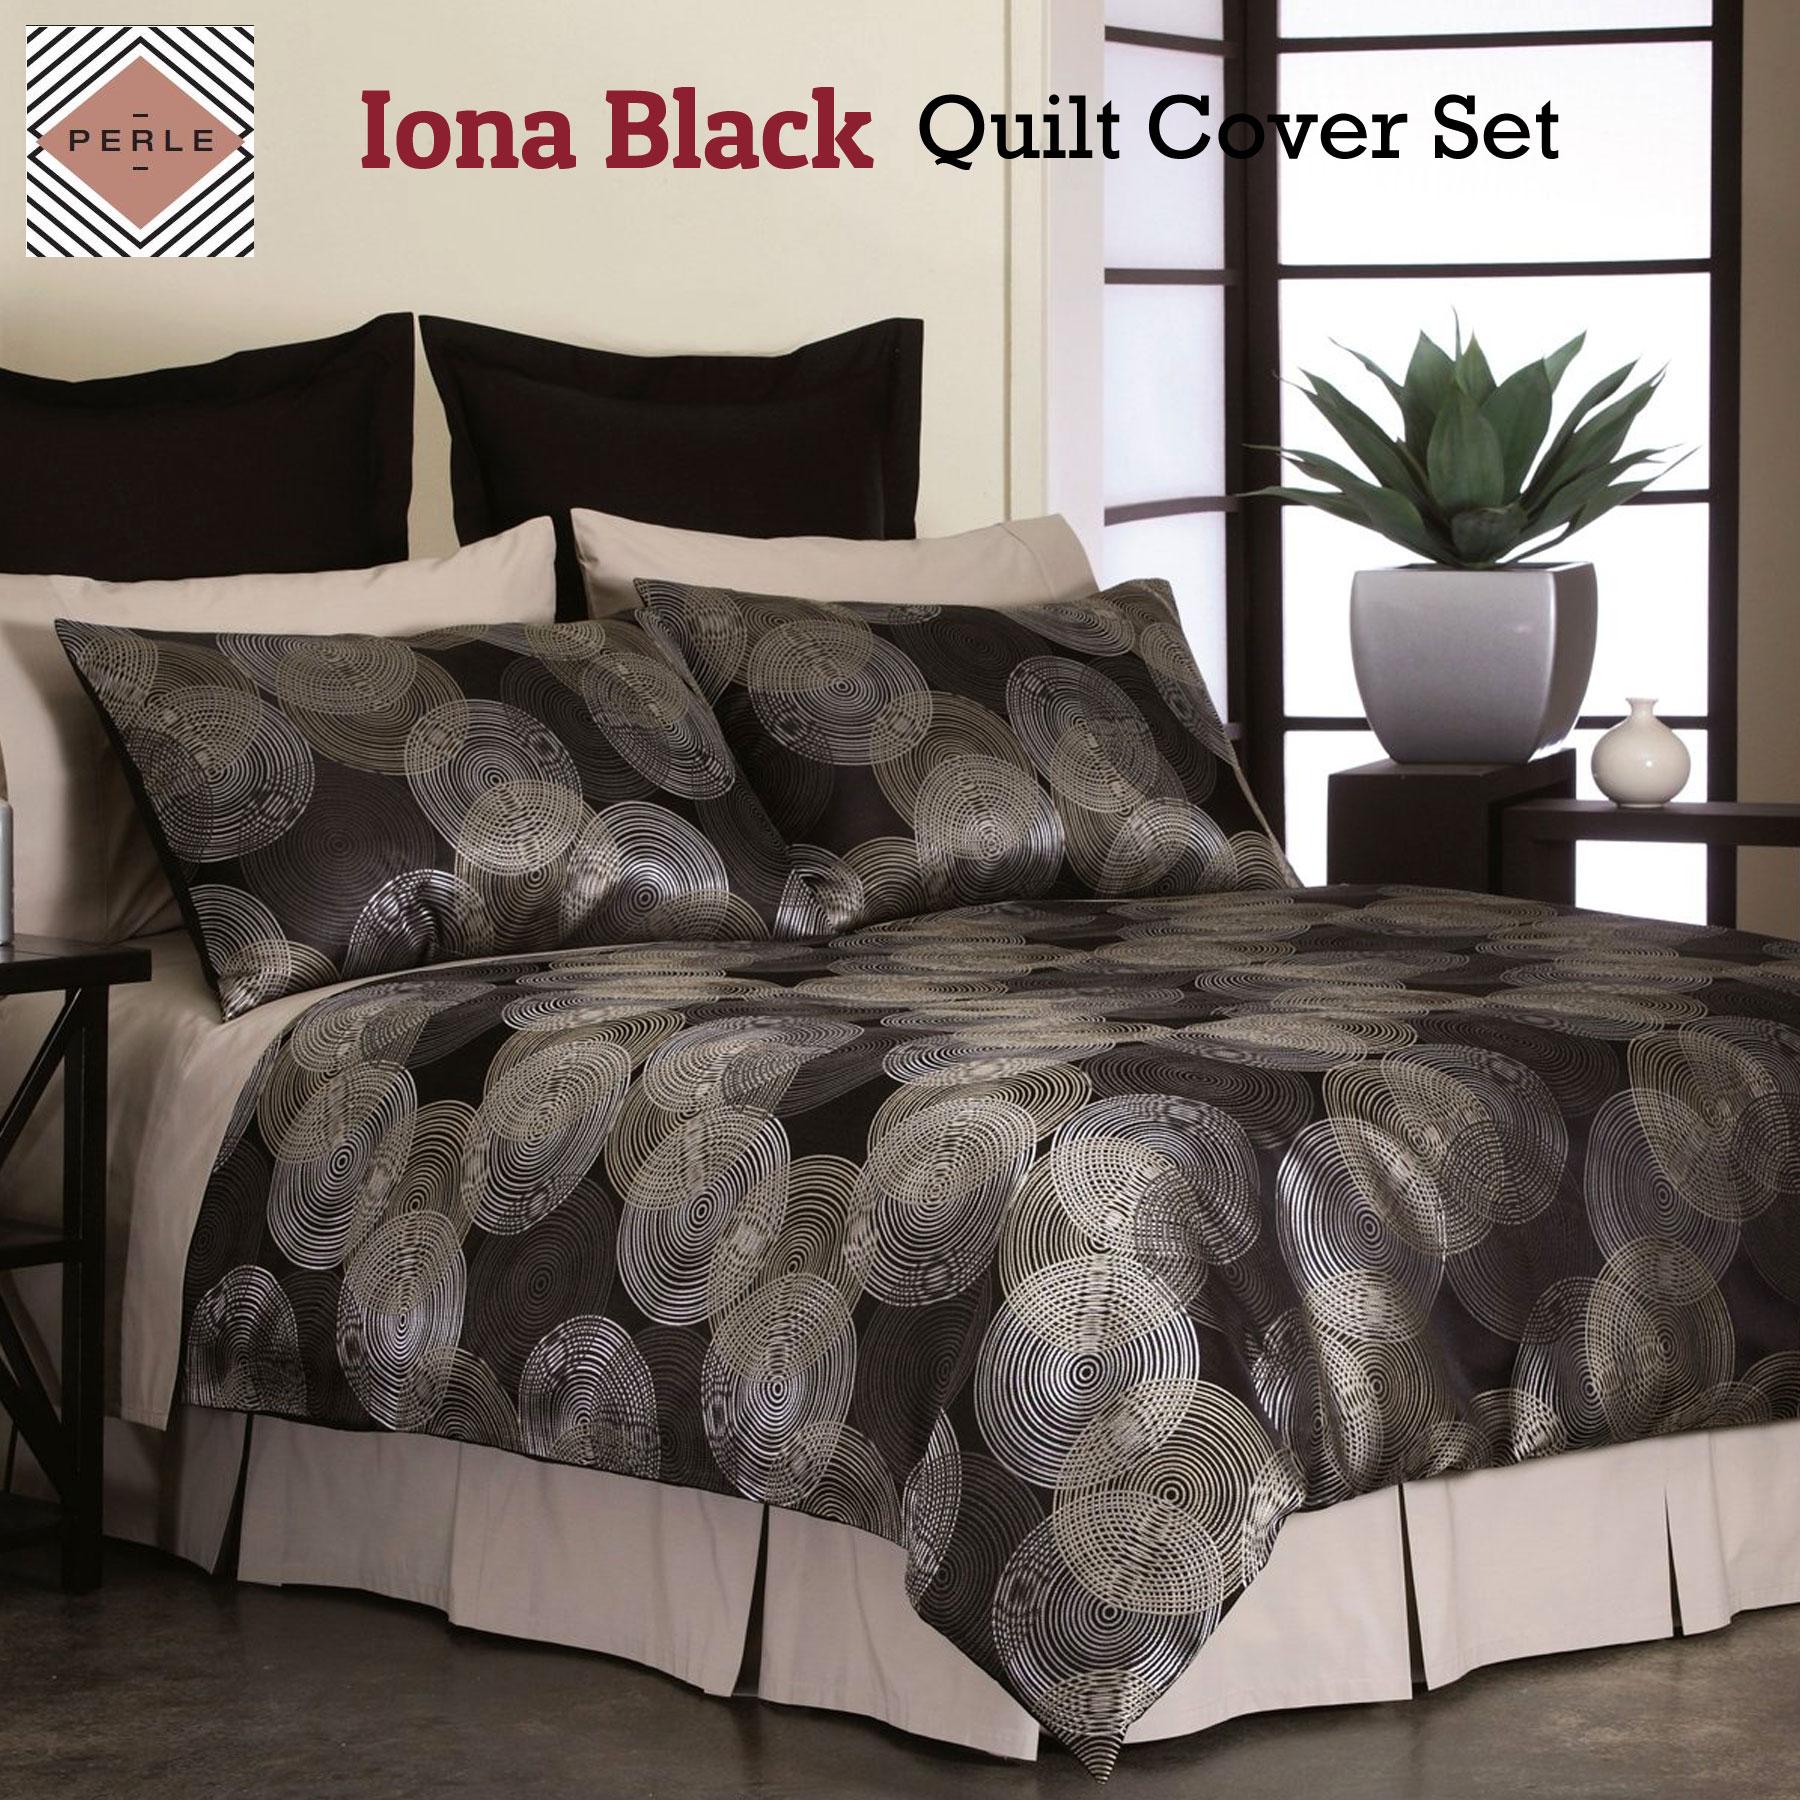 Details about iona black quilt cover set by perle linge de maison queen king super king